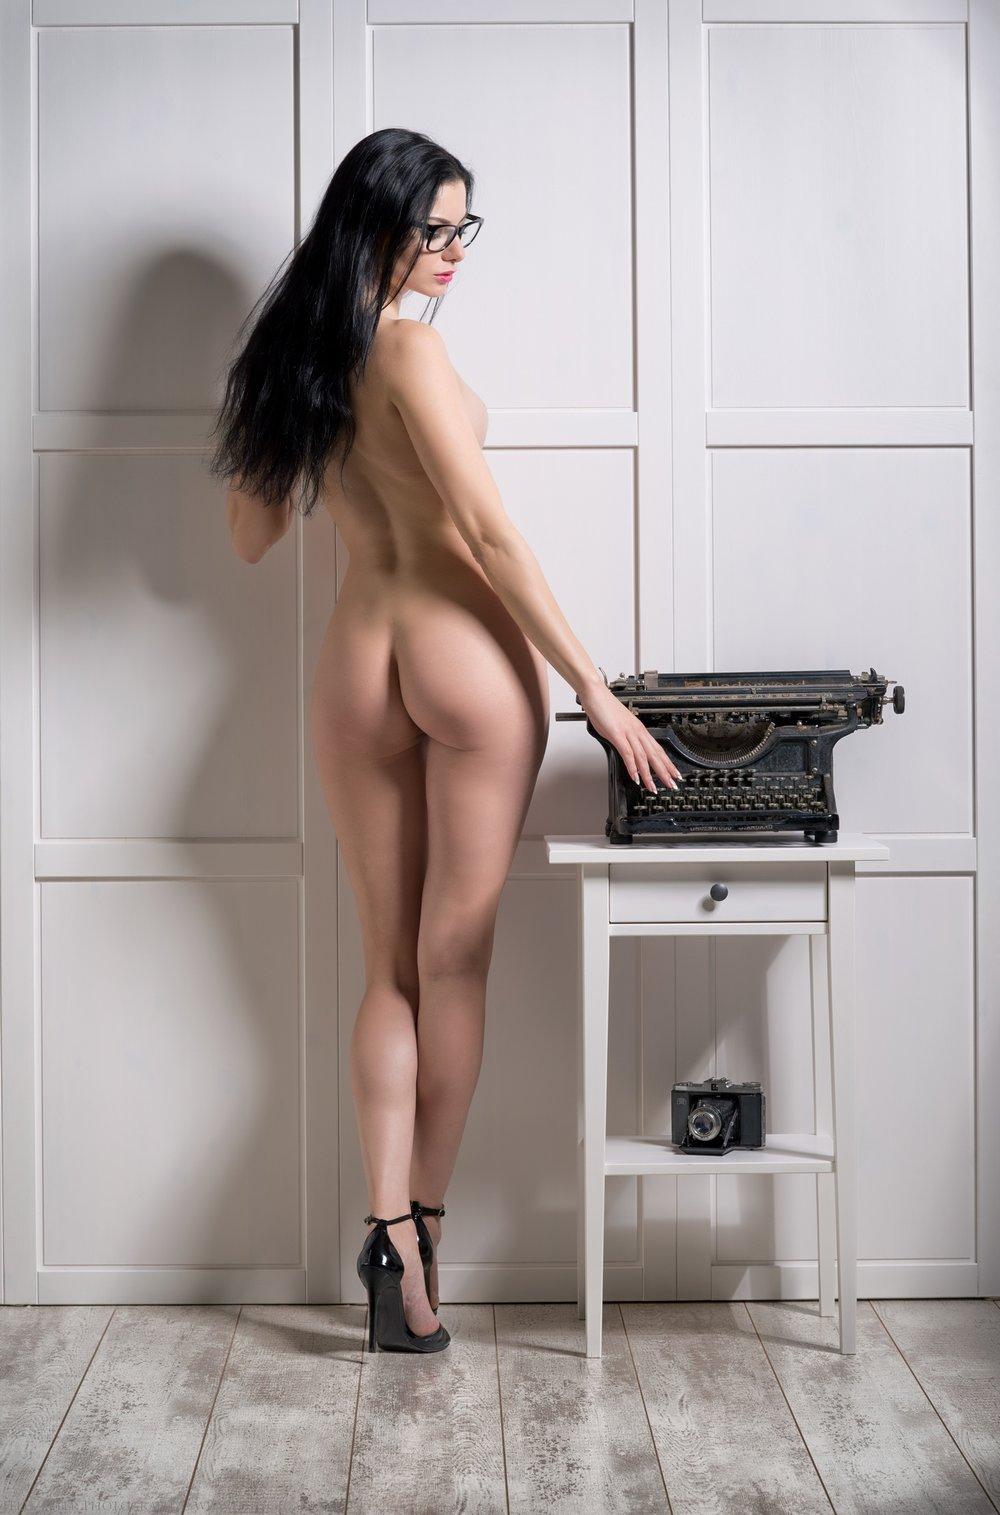 Felix-Peter-NudeArt-Photography_Bern_024.jpg